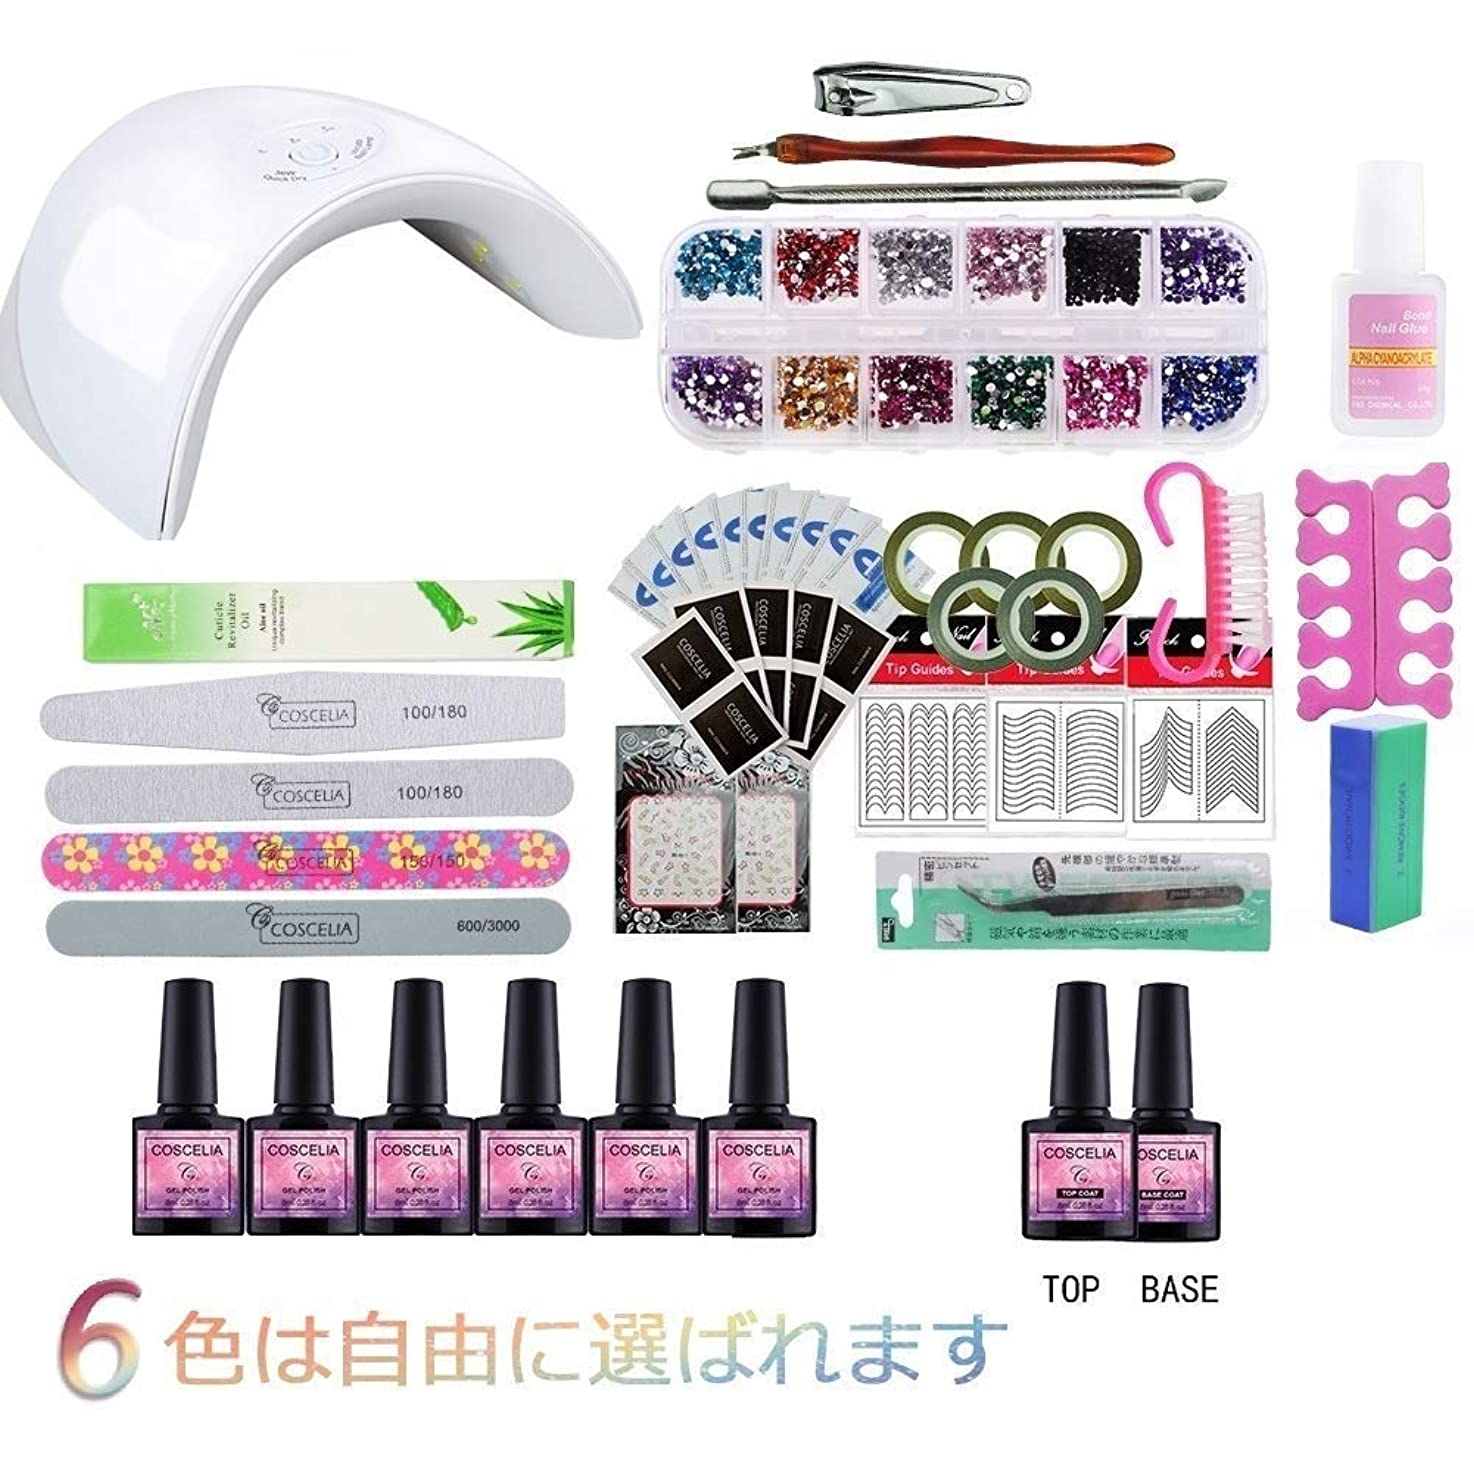 葡萄からかう粒Twinkle Store ネイルセット 6色ネイルジェルカラーセット 36W UV/LEDネイルライト付きセット 6色を自由に選ぶことができるセット セルフネイルキット ネイルジェルキット